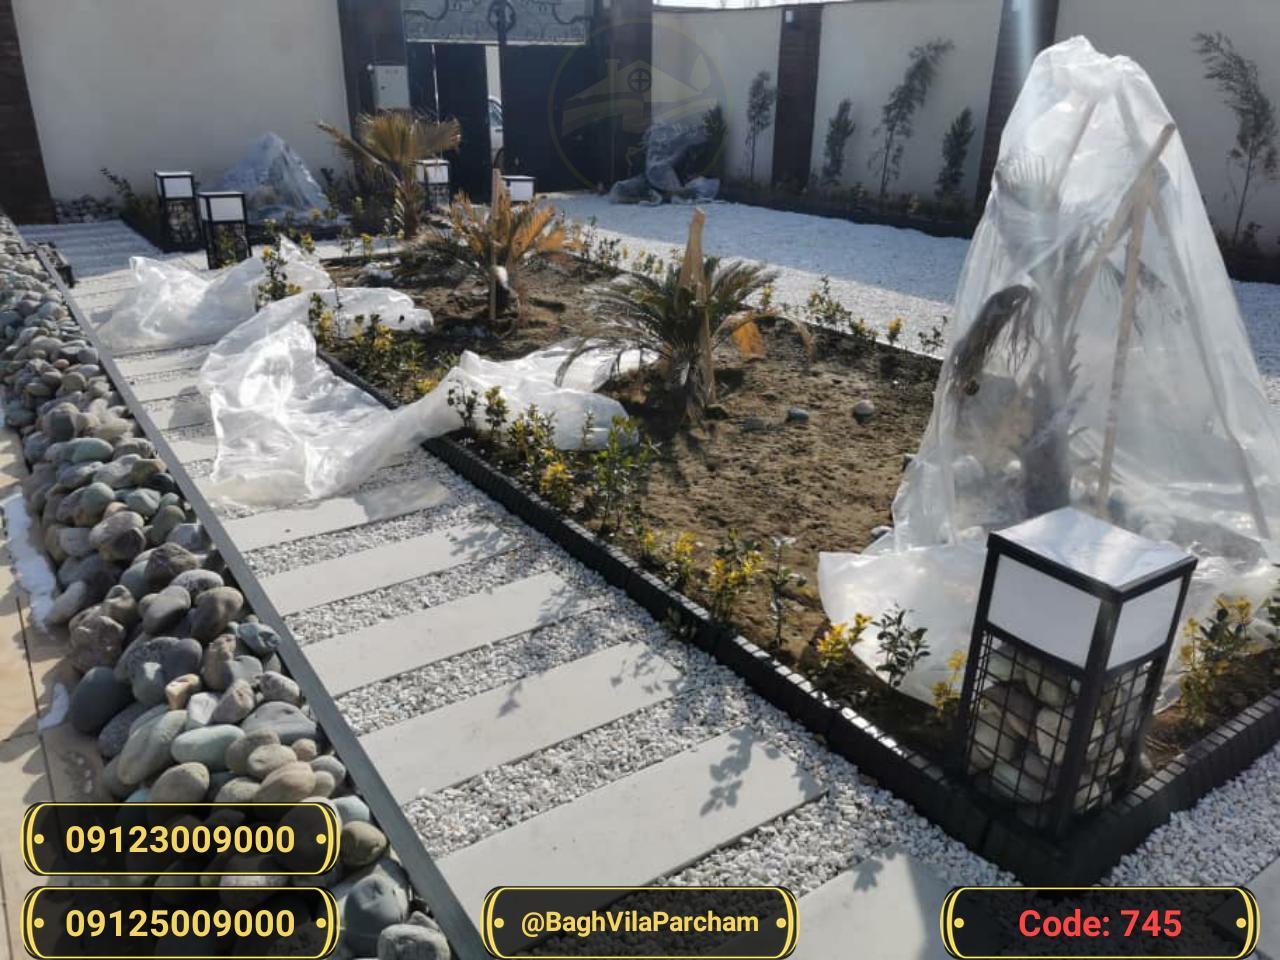 تصویر عکس باغ ویلا شماره 6 از ویلای ۴۵۰ متر ویلا مدرن و شیک Picture photo image 6 of ۴۵۰ متر ویلا مدرن و شیک